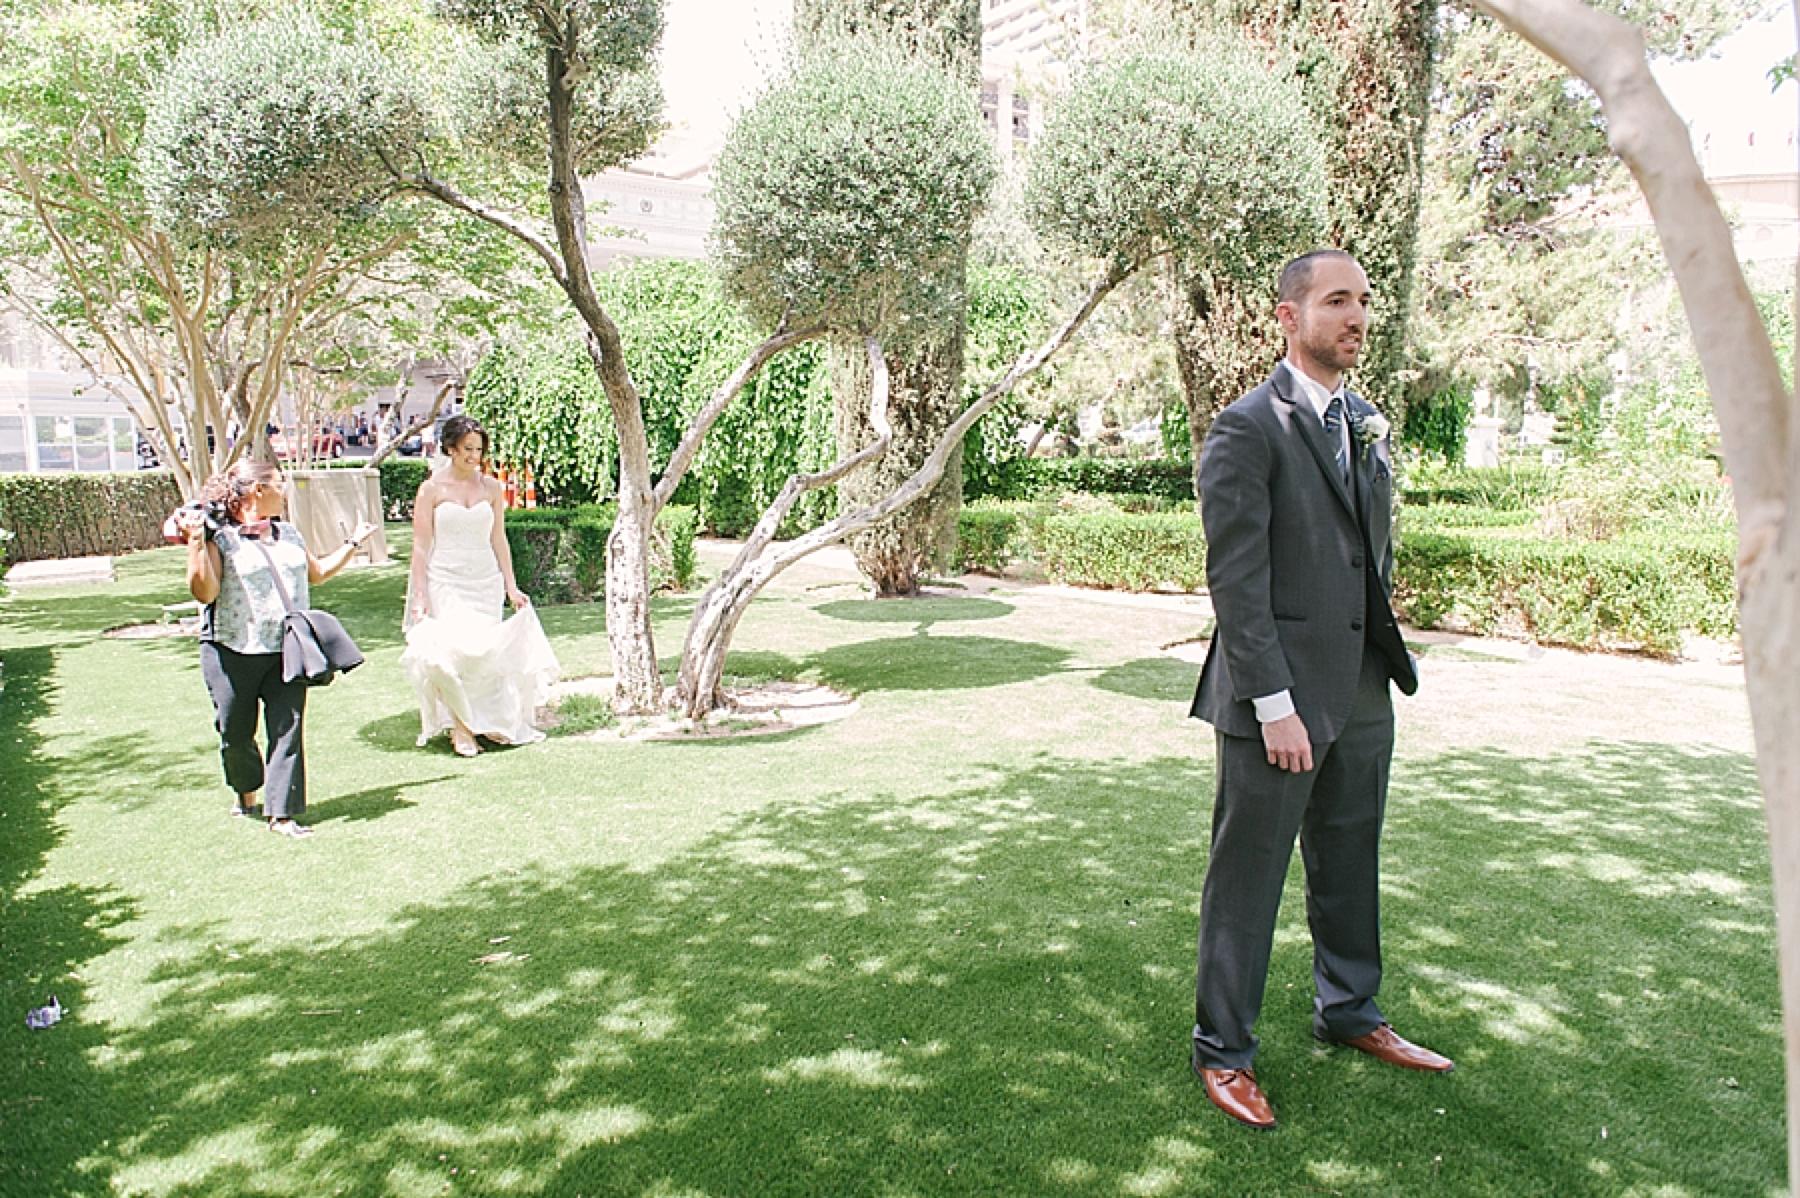 las_vegas_wedding_photographers_behind_the_scenes-01-14.jpg